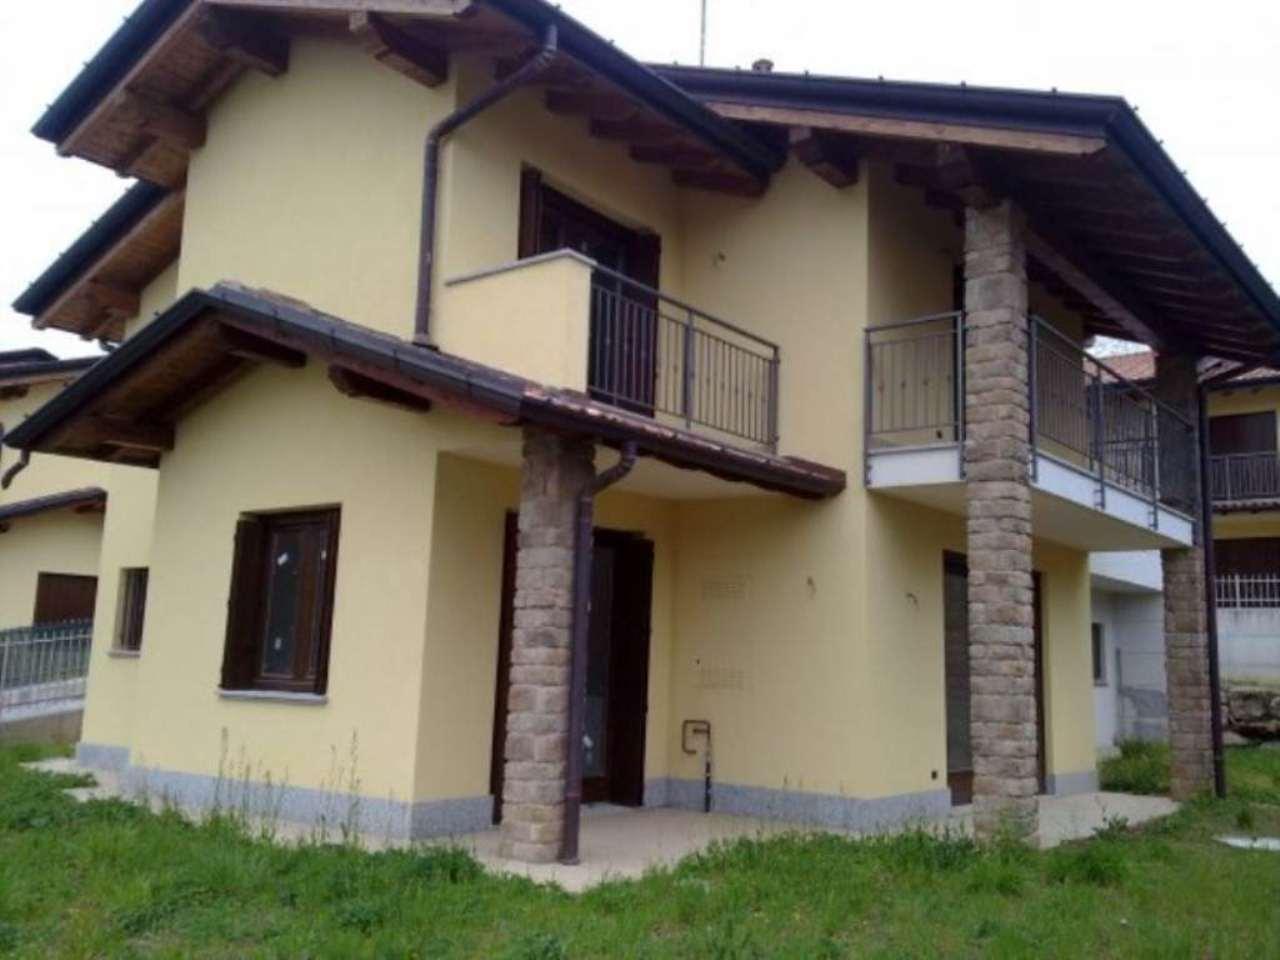 Villa in vendita a Cocquio-Trevisago, 4 locali, prezzo € 298.000   CambioCasa.it